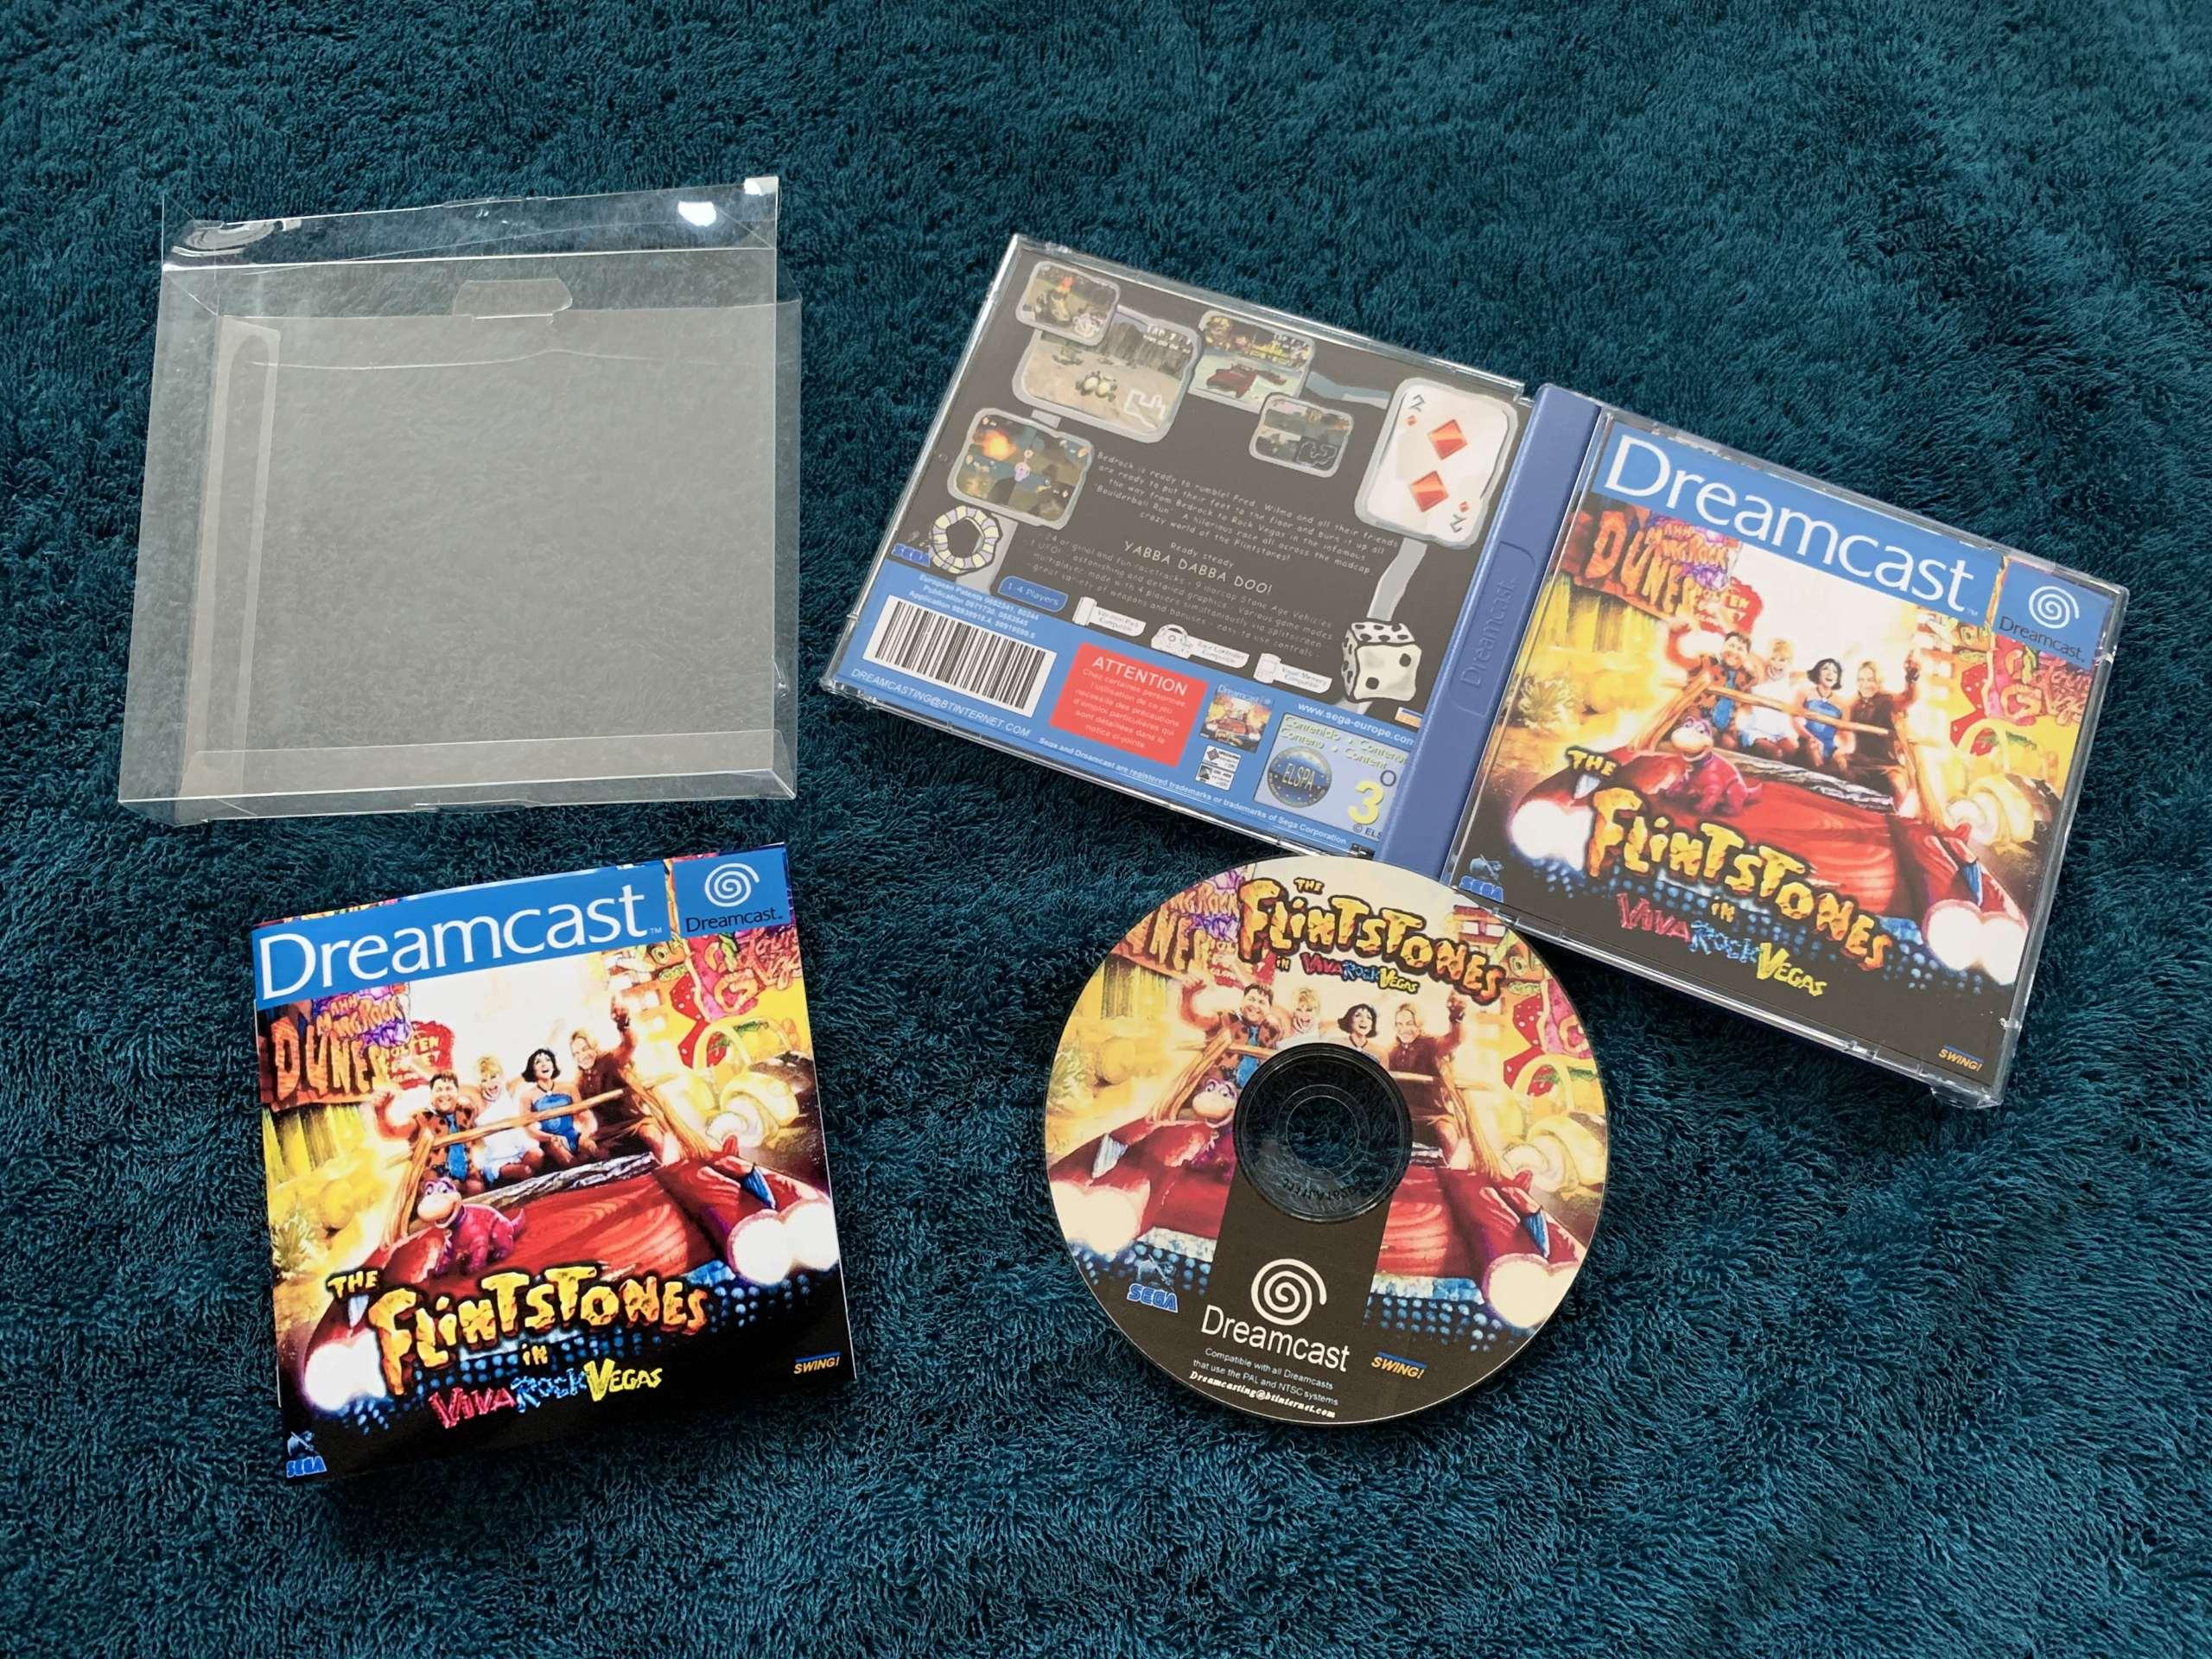 [VENDU] Fullset Jeux Dreamcast, Accessoires, Promo, Rigides... - 350 pièces - NEUF SOUS BLISTER 044_bo10